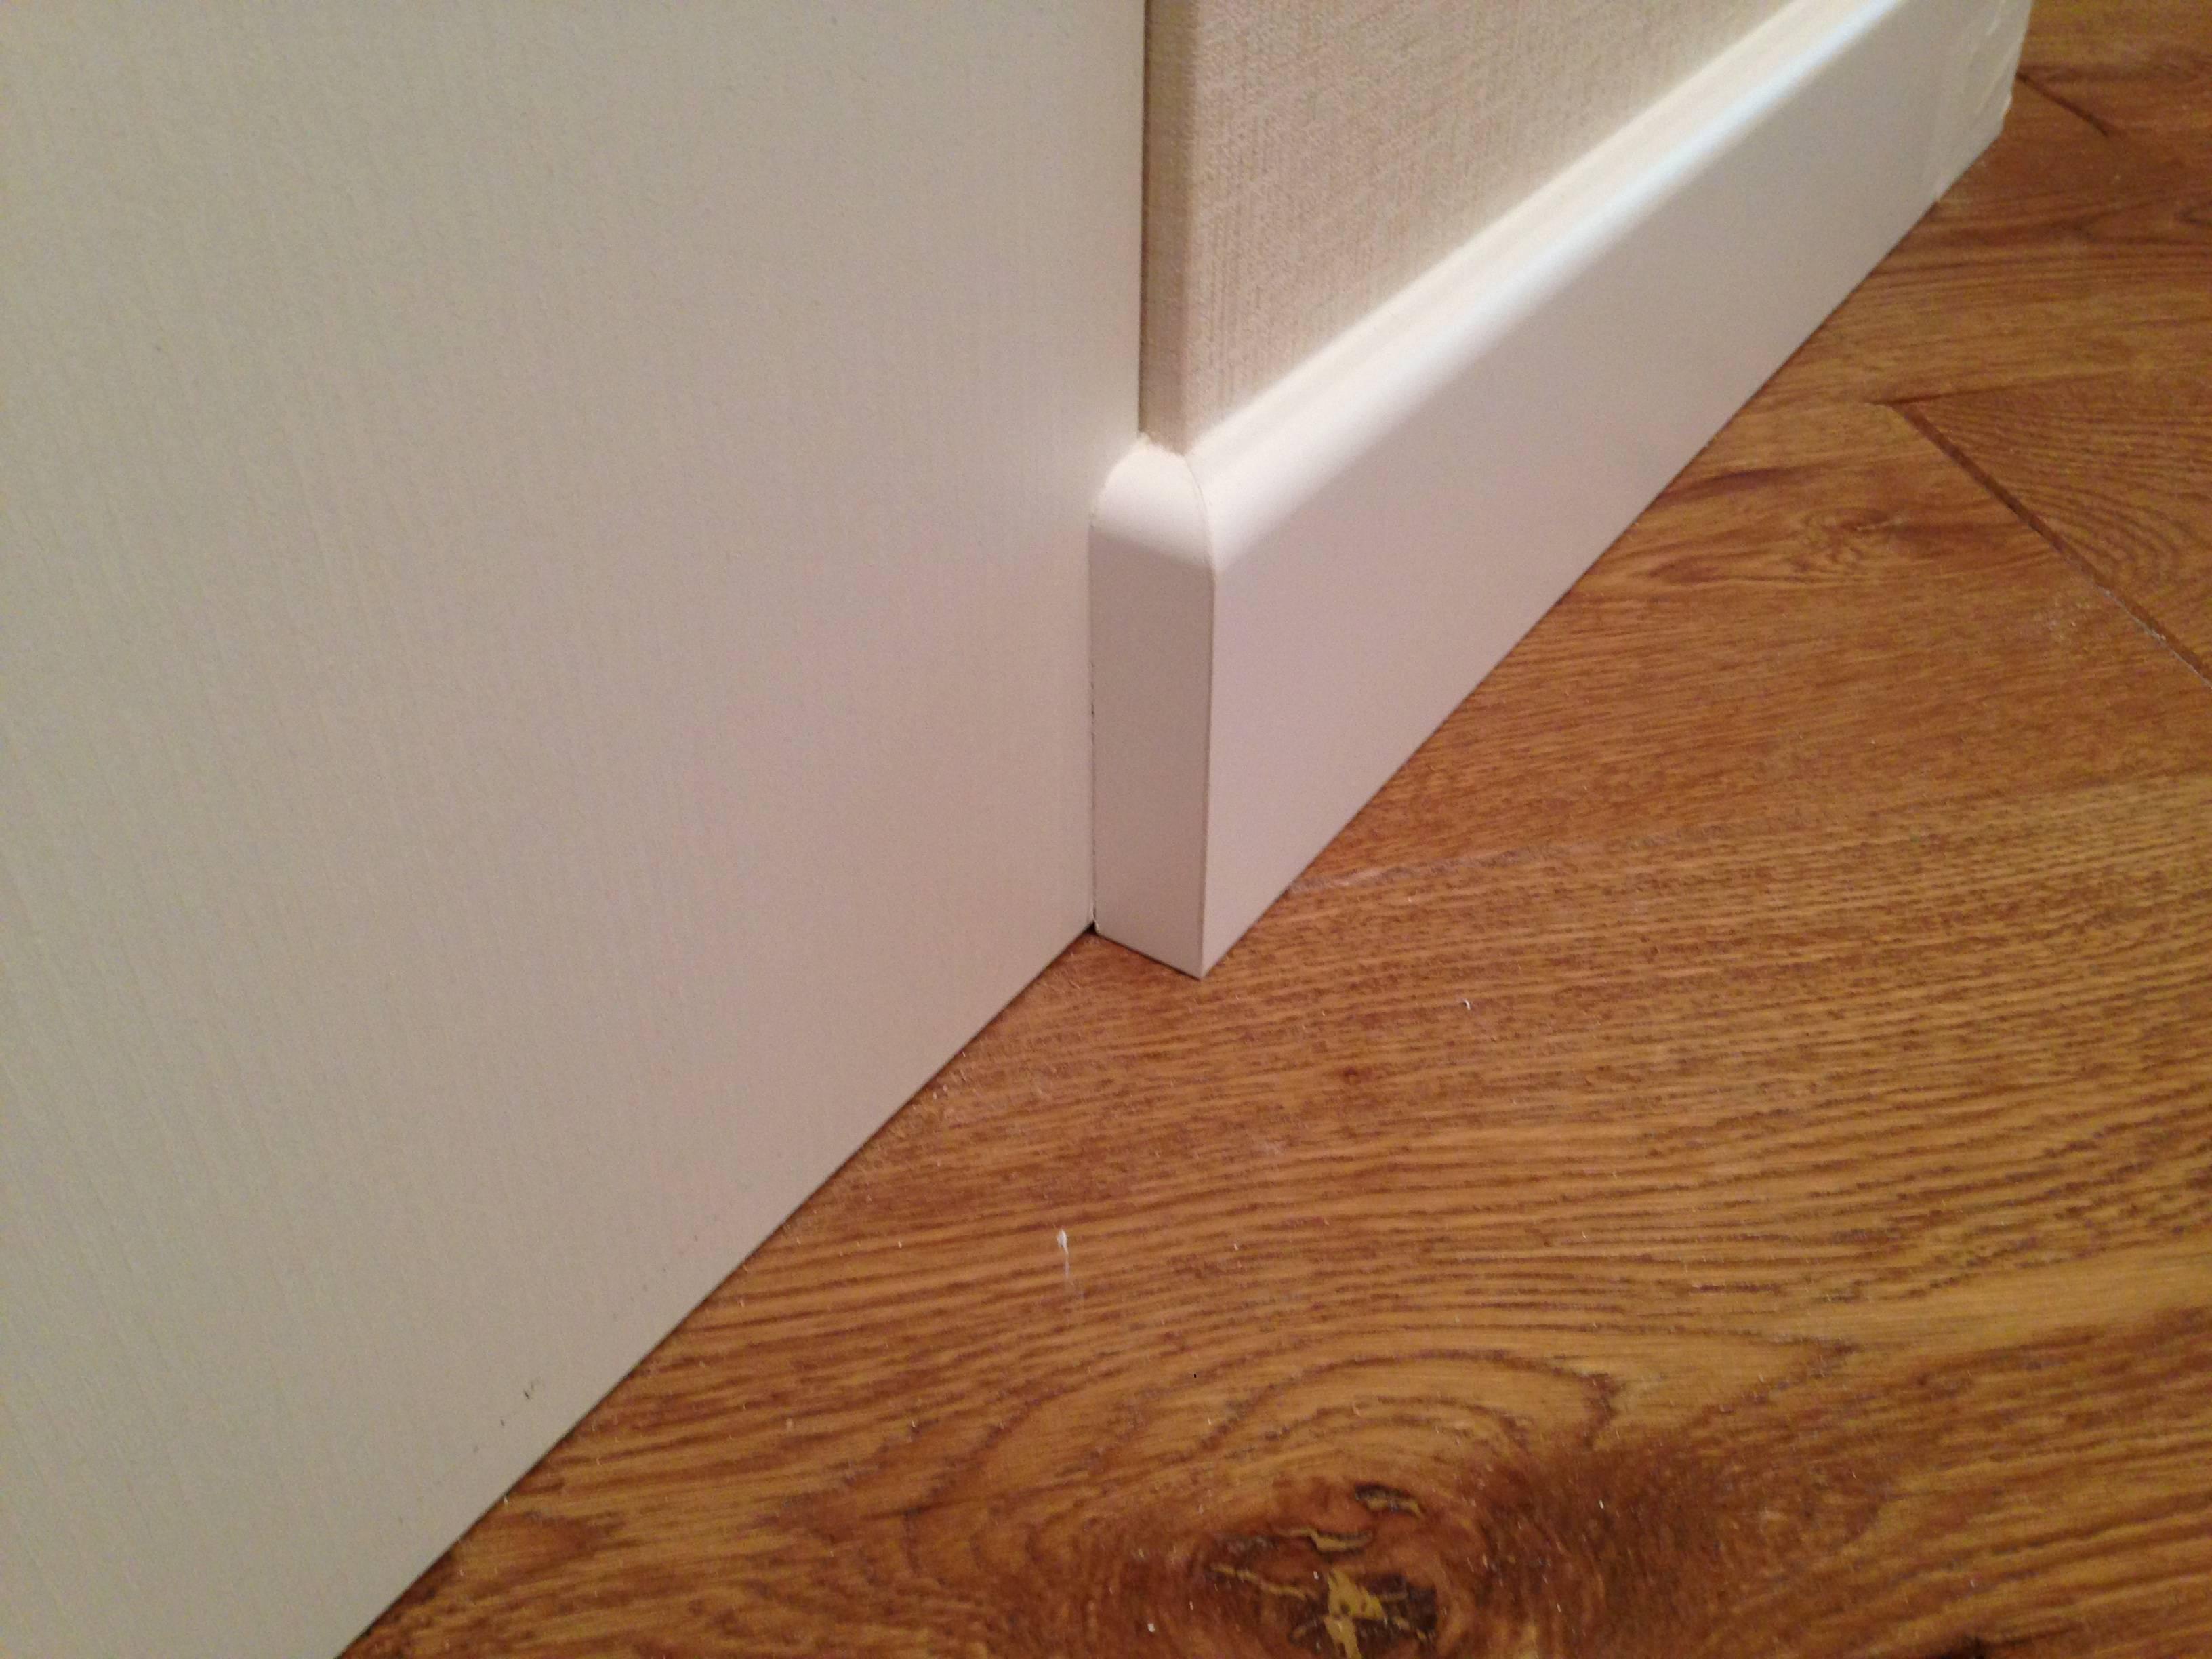 Иголки в стене и другие явные способы наведения порчи